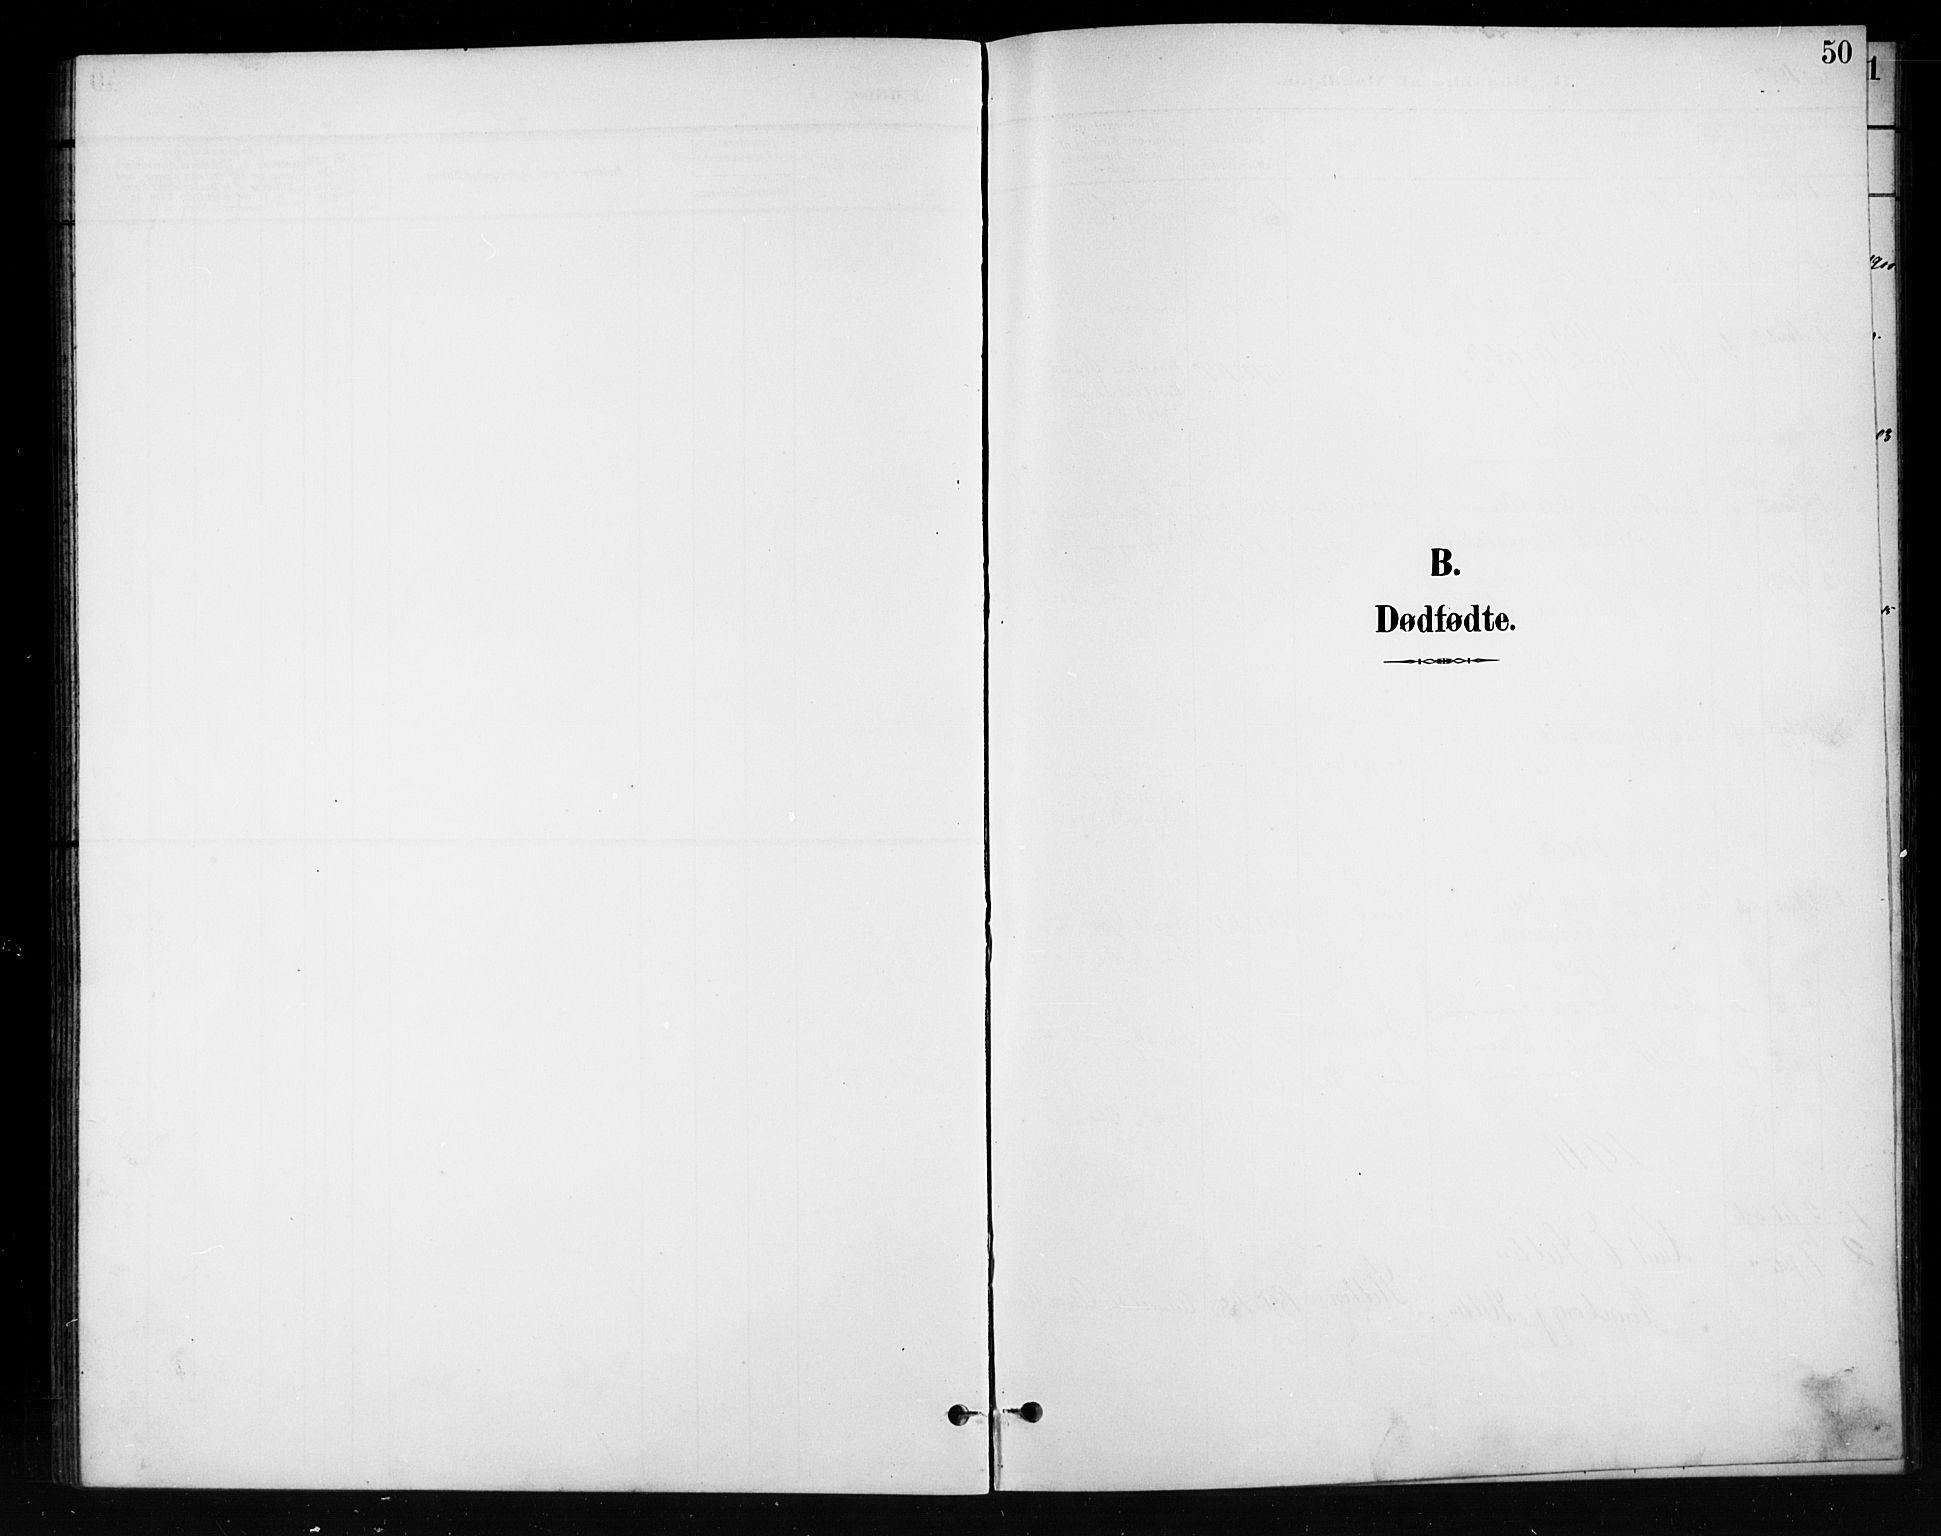 SAH, Nord-Aurdal prestekontor, Klokkerbok nr. 11, 1897-1918, s. 50